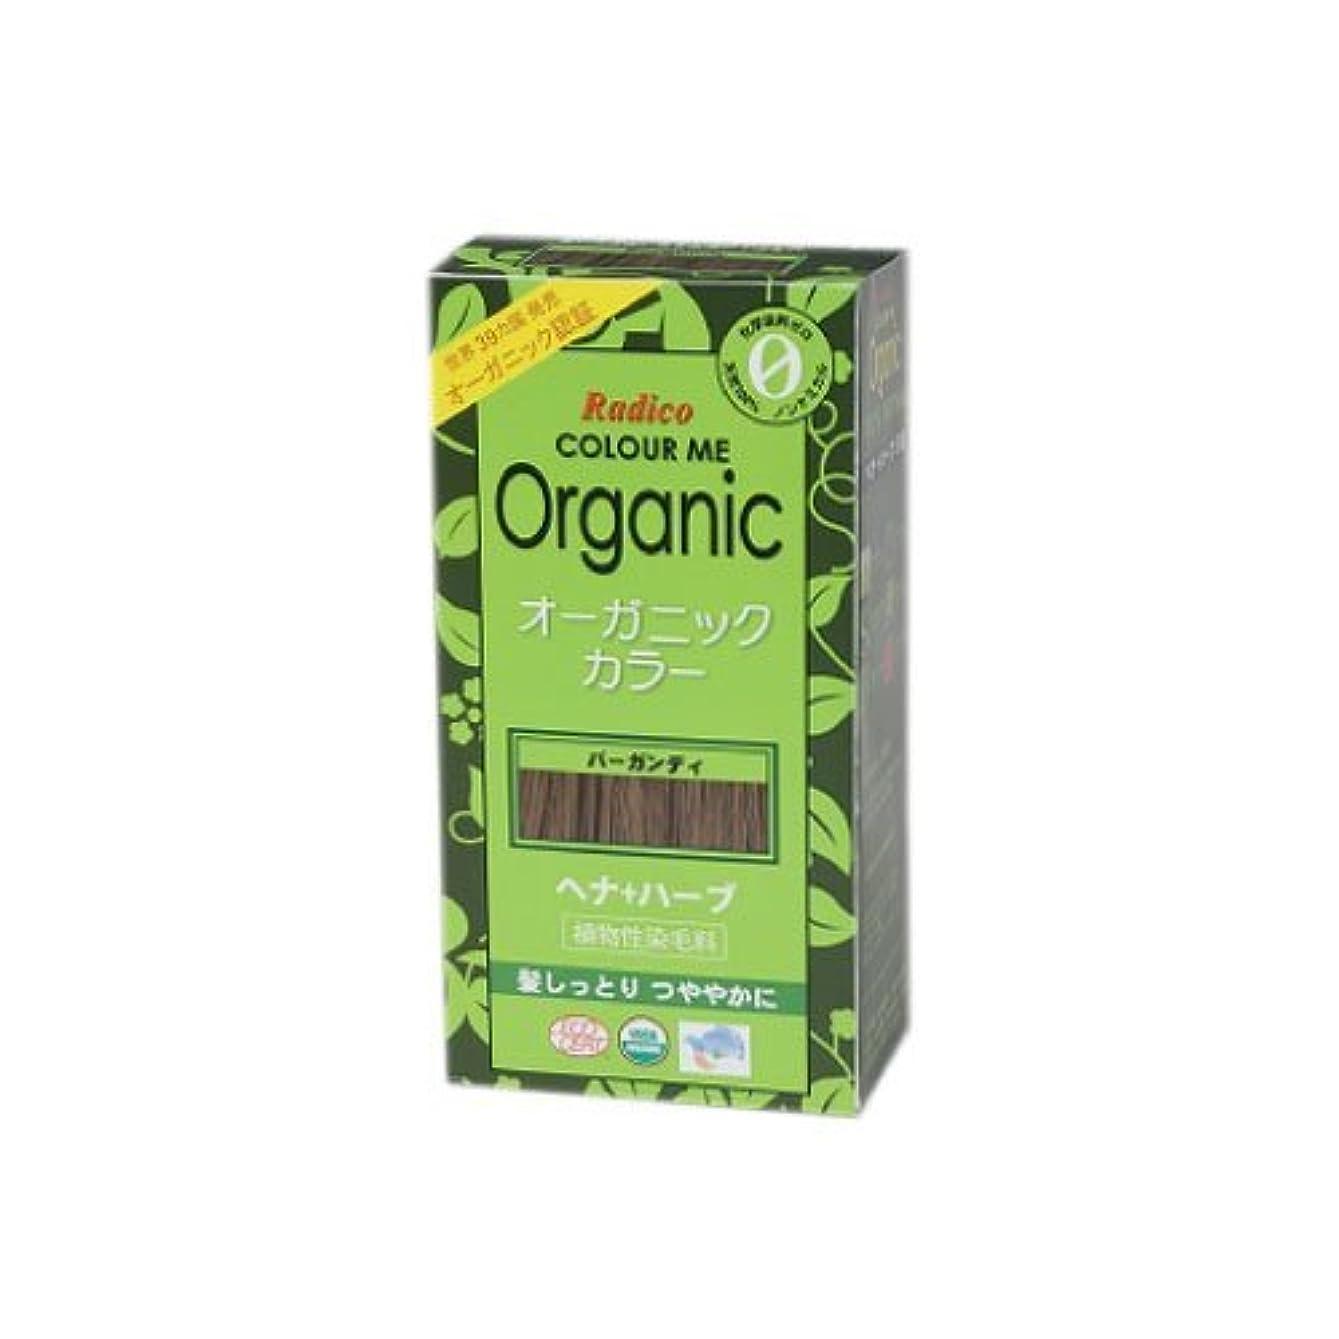 集中的なライセンスカテナCOLOURME Organic (カラーミーオーガニック ヘナ 白髪用) バーガンディ 100g